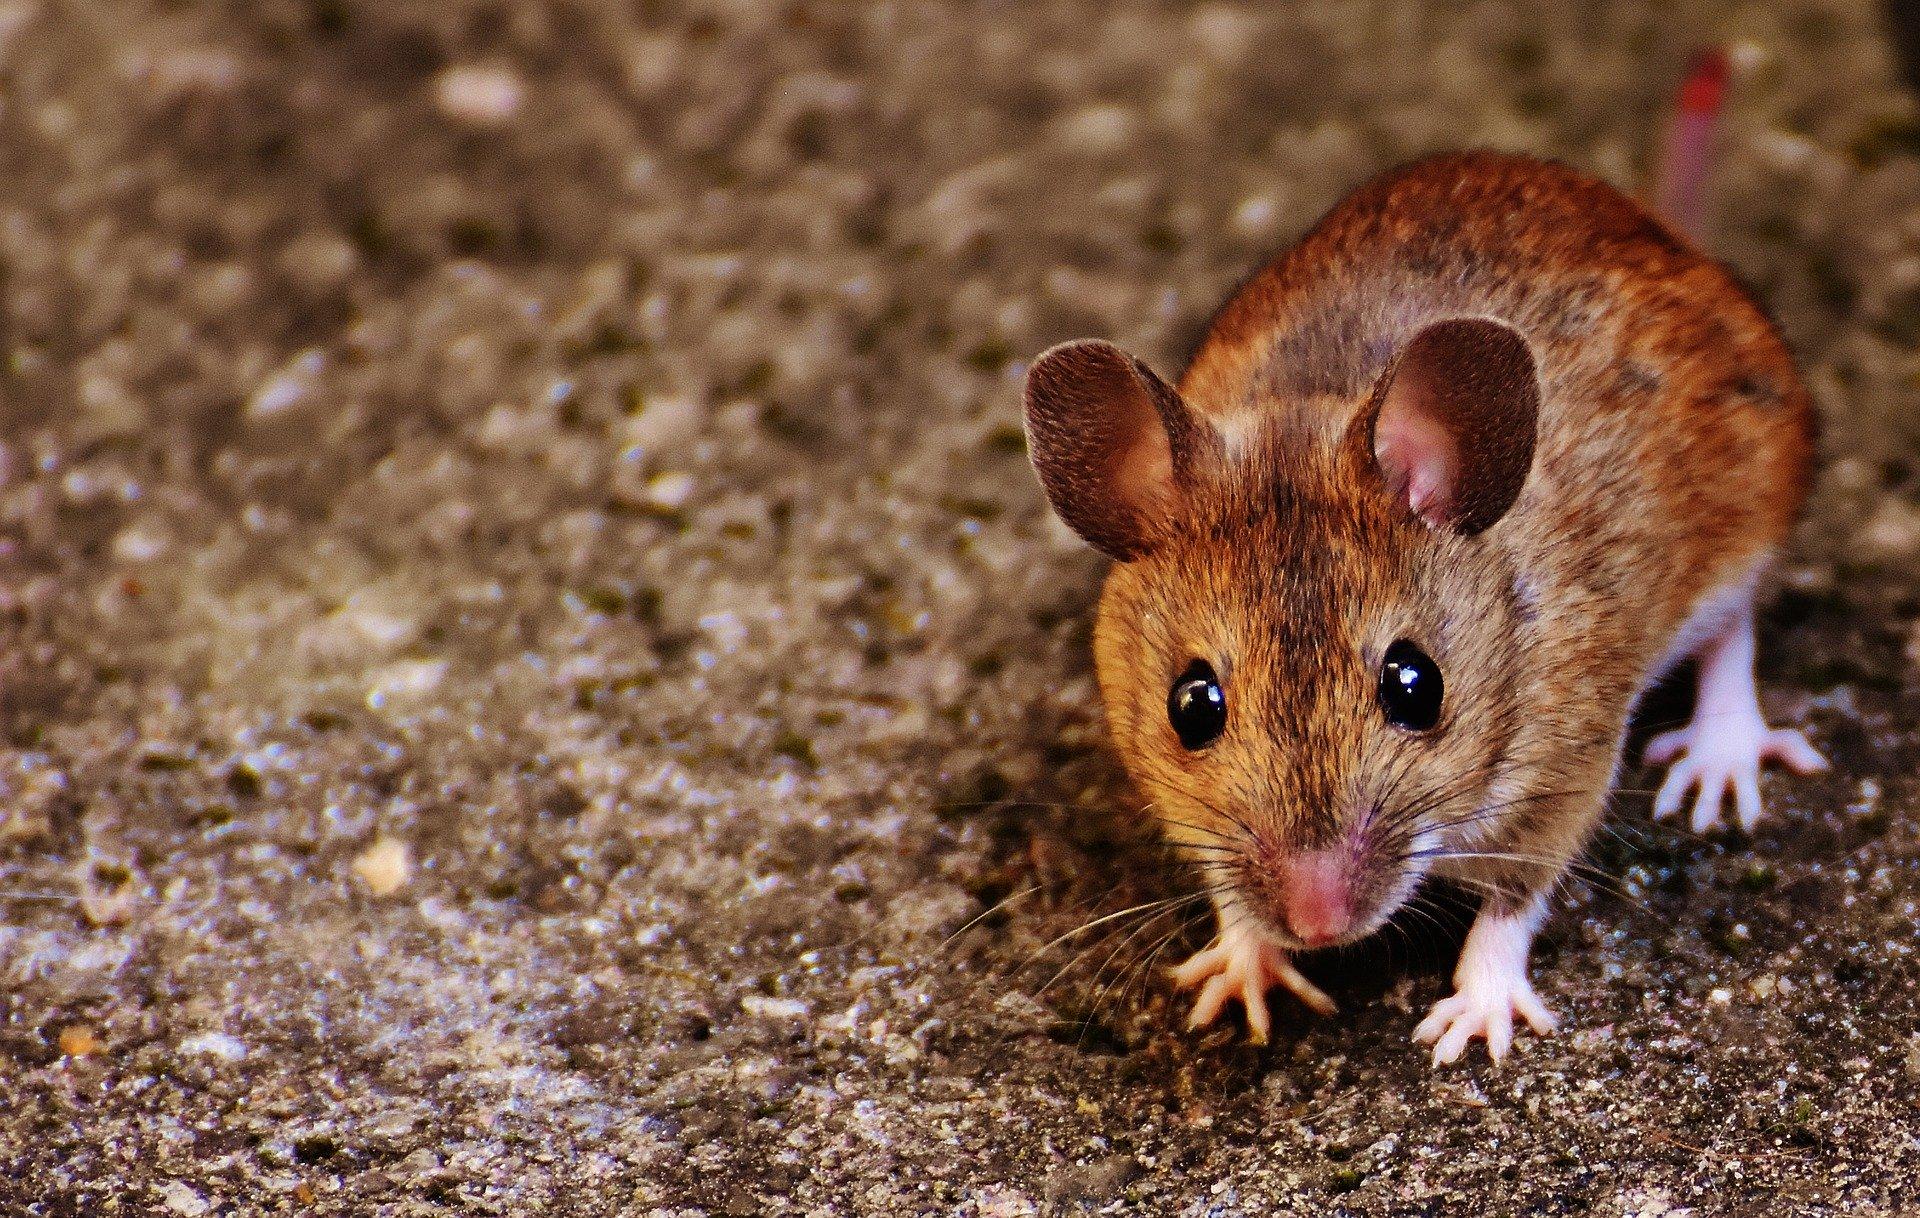 子年なのでネズミを使った拷問の話でもしましょう